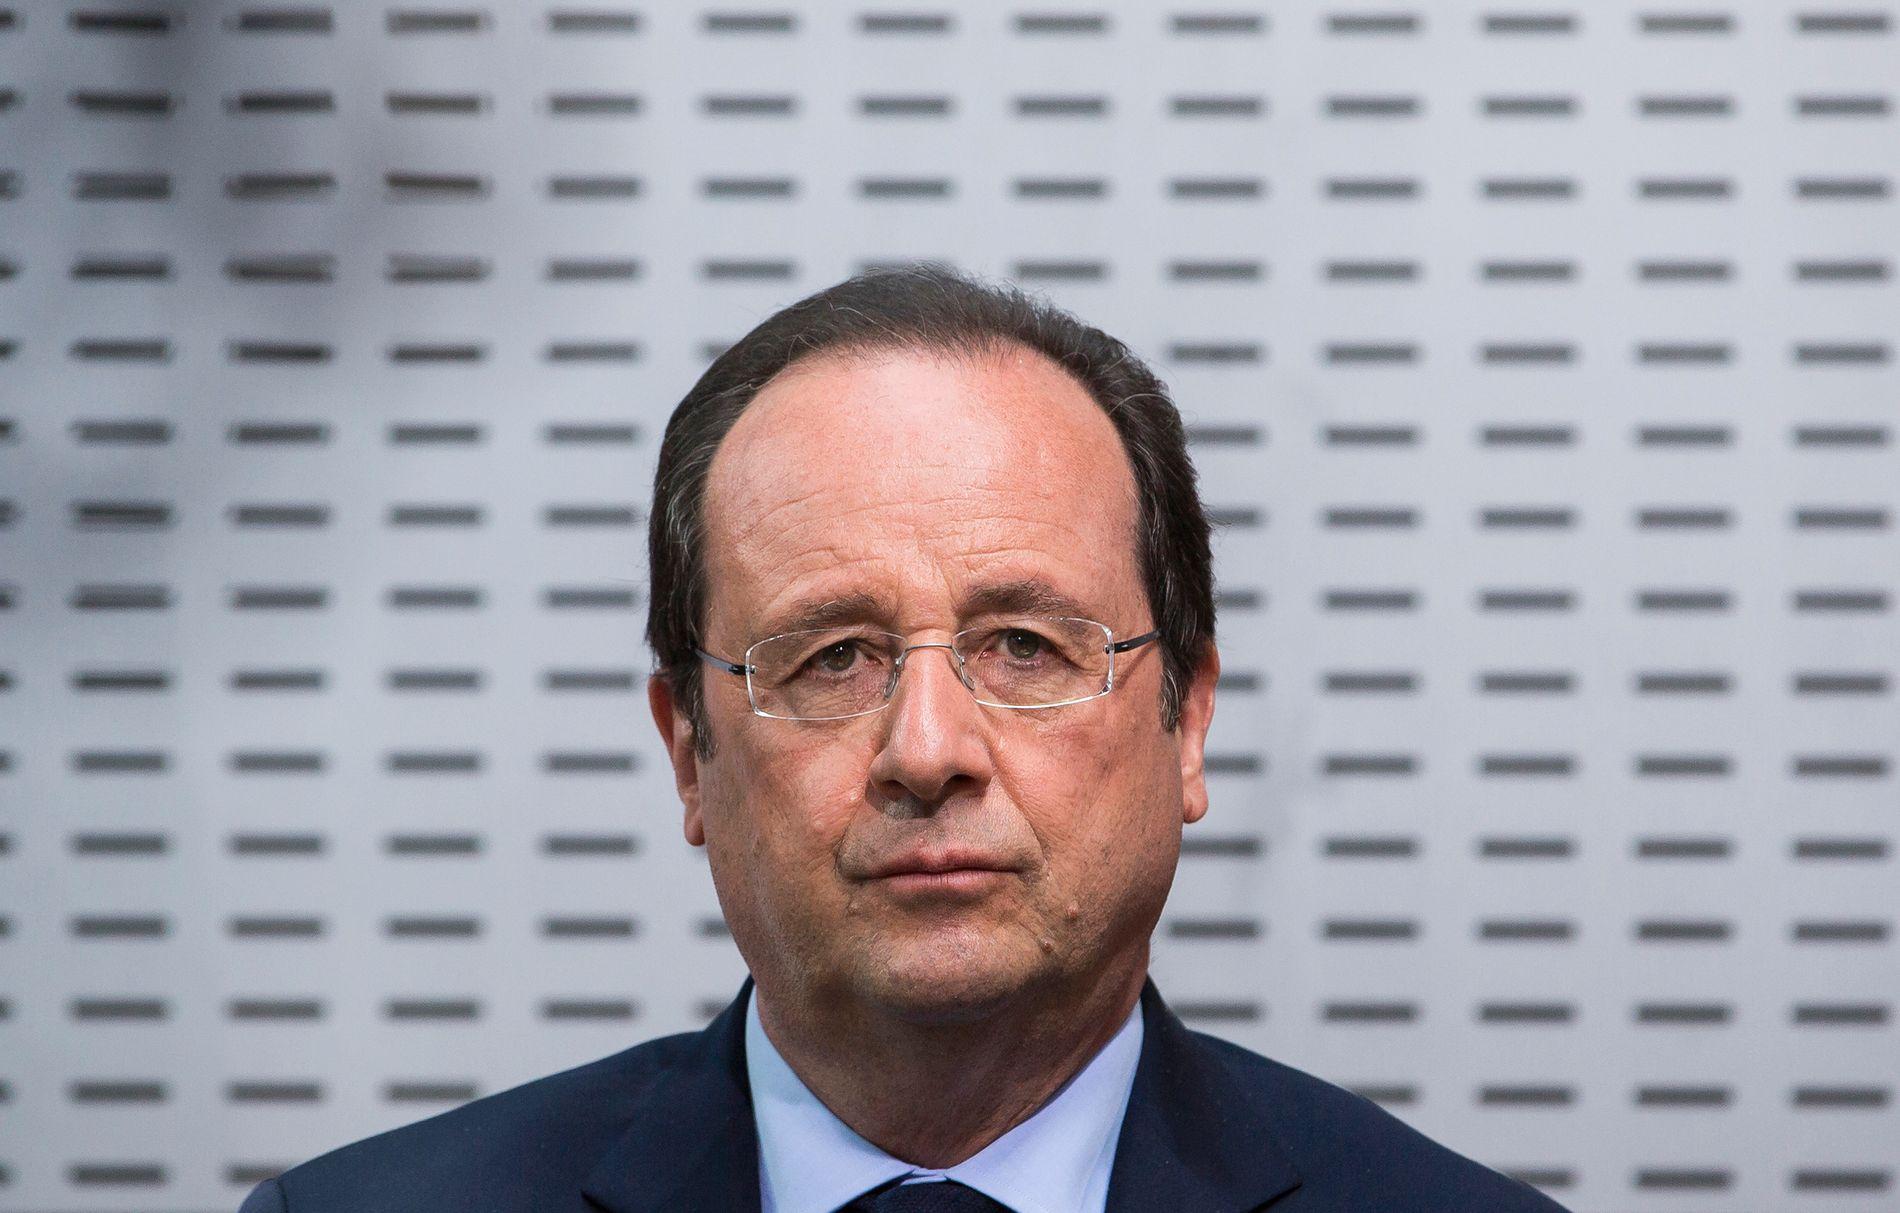 MYE Å TENKE PÅ: Den franske presidenten Francois Hollande har slitt lenge på meningsmålingene. Nå ser han ut til å ha nådd bunnen. FOTO: REUTERS/Ian Langsdon